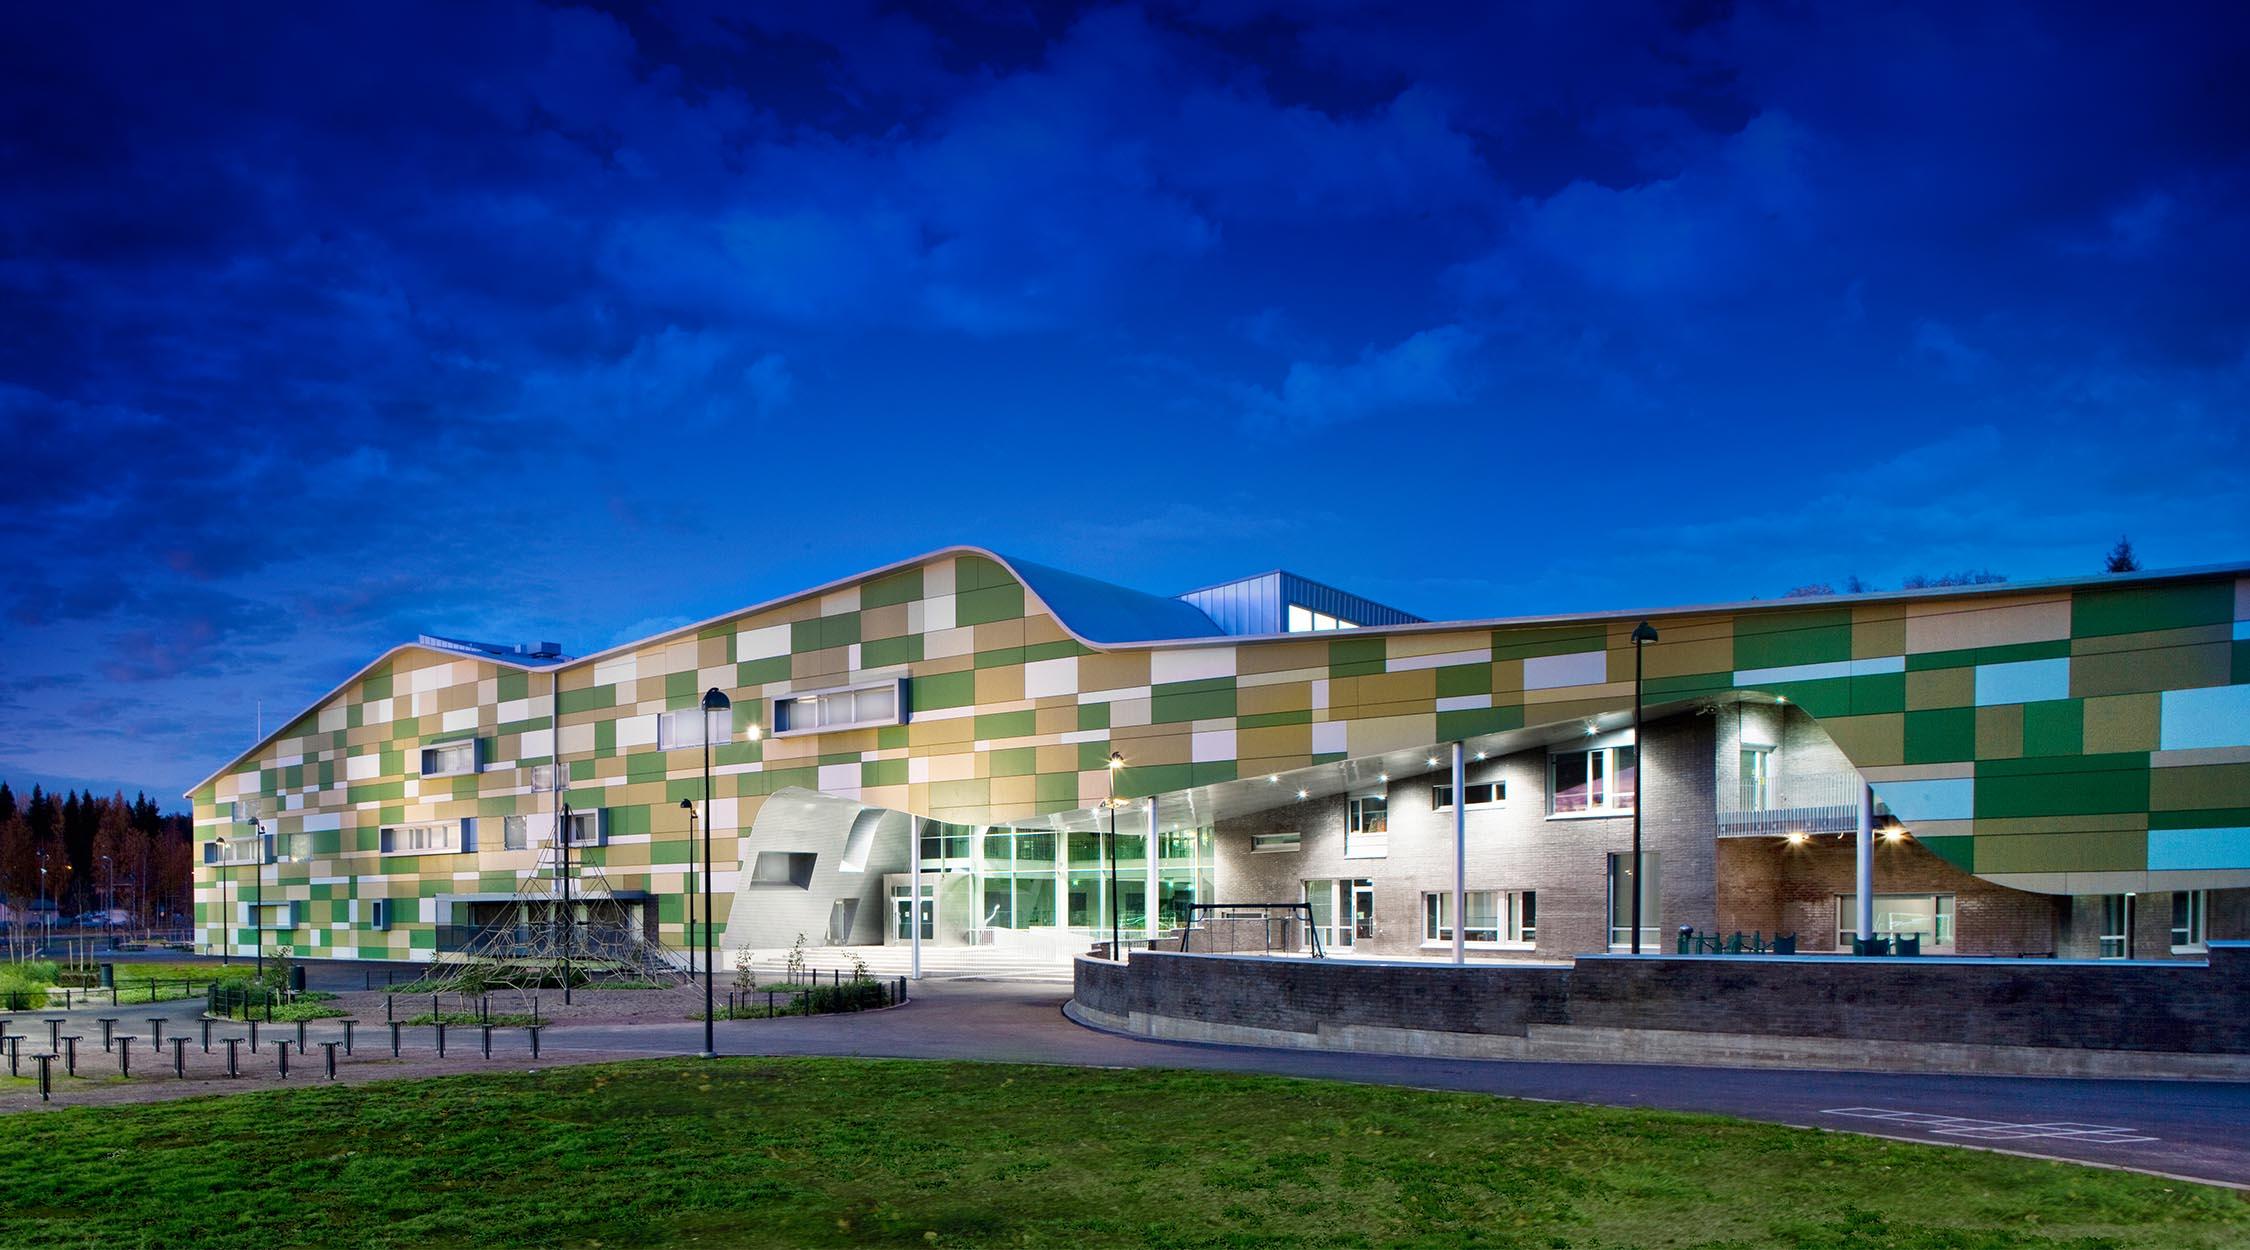 Kannisto_School_Vantaa_Finland_0006_Kannisto_school_photo_1